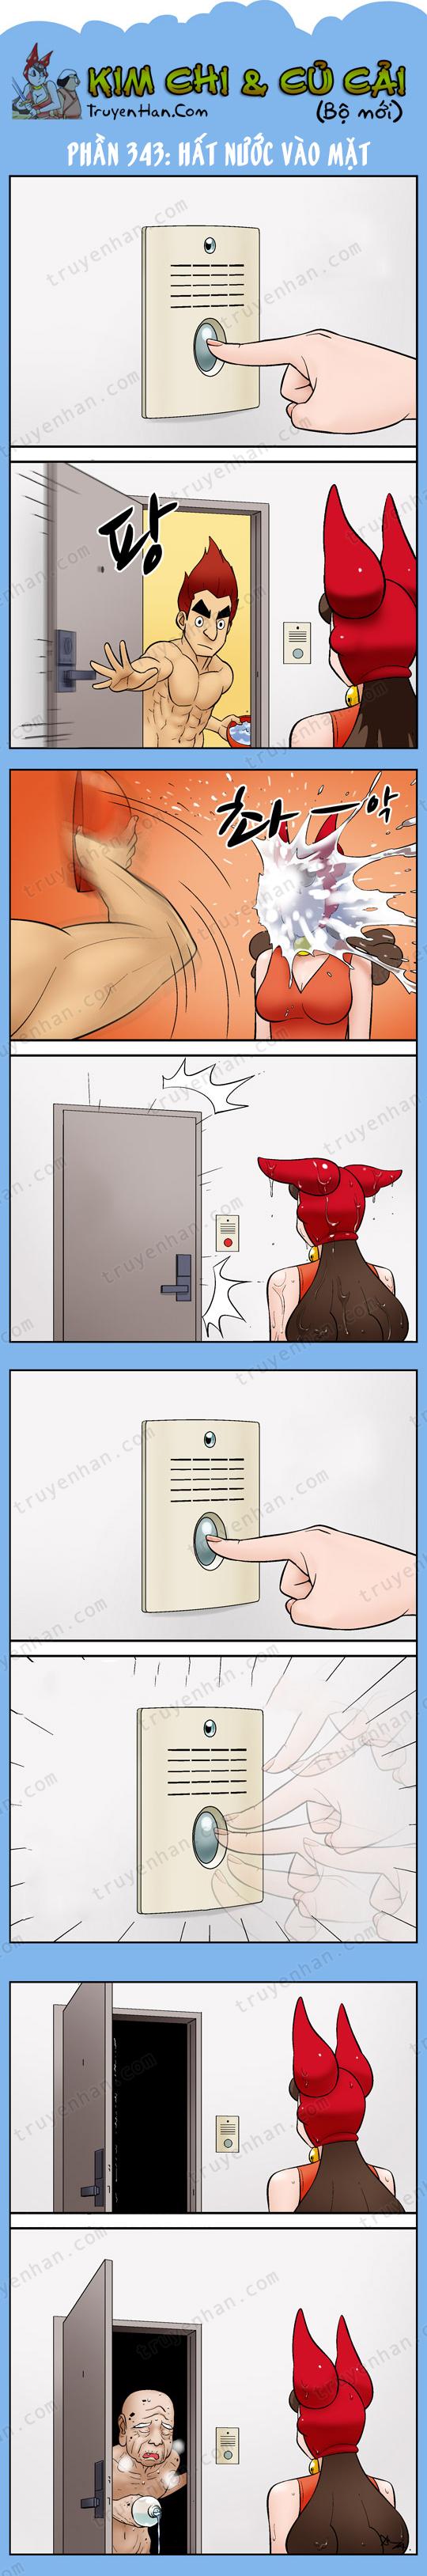 Kim Chi & Củ Cải (bộ mới) phần 343: Hất nước vào mặt